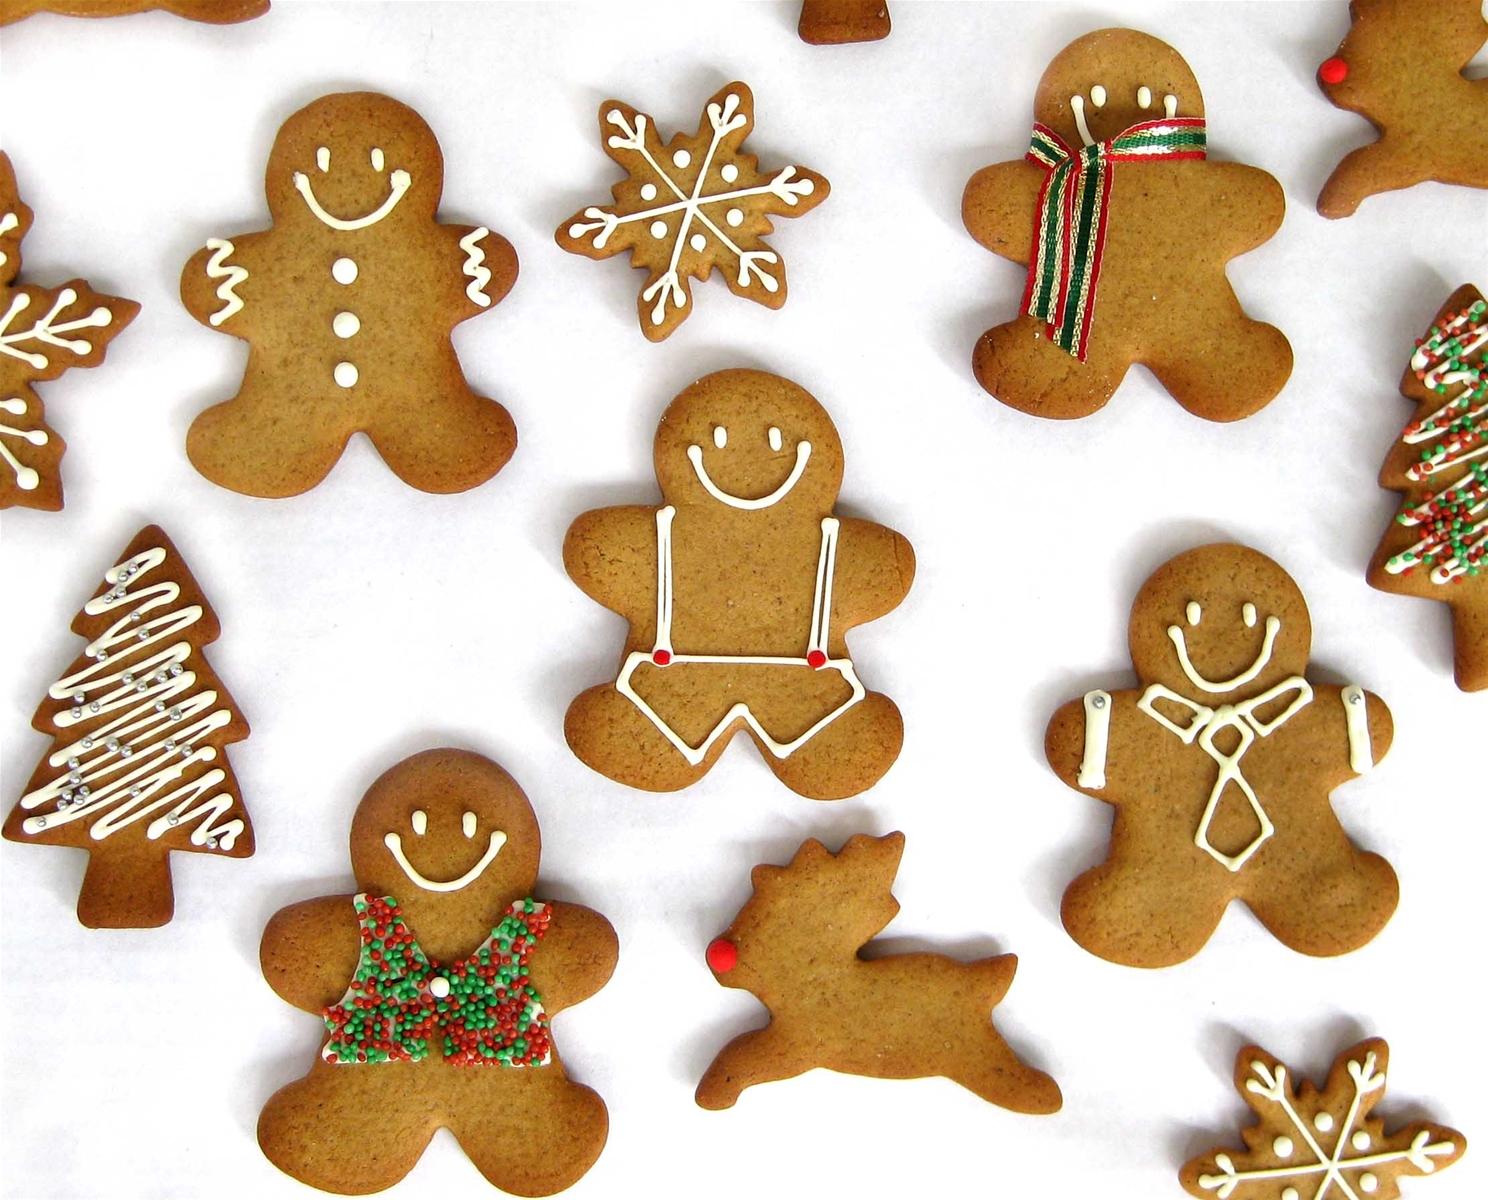 11 món ăn Giáng sinh truyền thống trên thế giới-4 món ăn giáng sinh truyền thống 11 món ăn Giáng sinh truyền thống phổ biến nhất trên thế giới 11 mon an giang sinh truyen thong tren the gioi